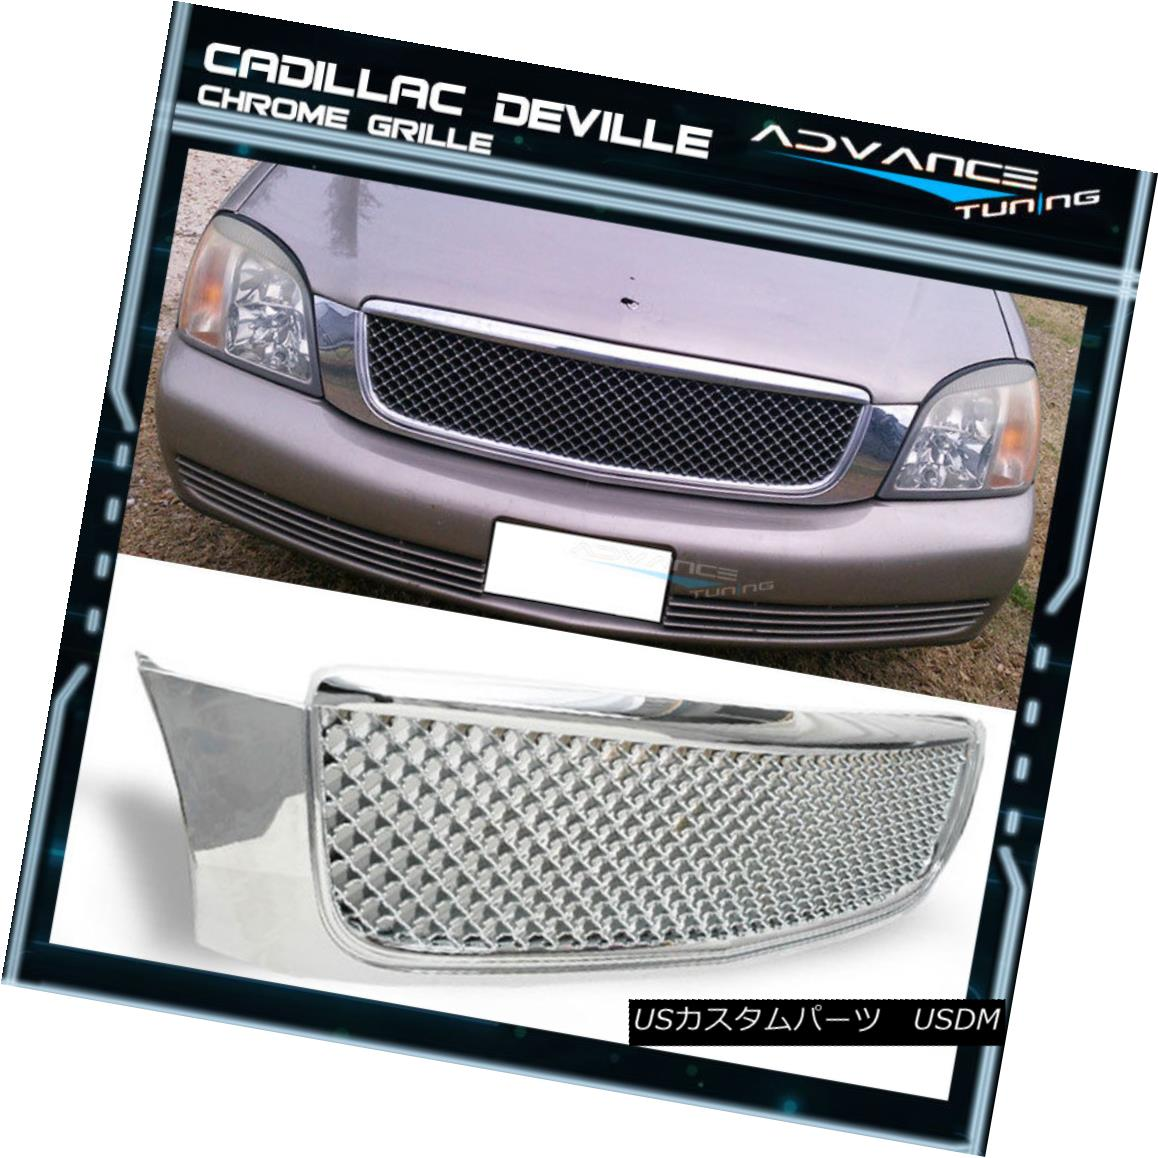 グリル For 00-05 Cadillac Deville Chrome Front Hood Mesh Grill Grille - ABS 00-05用キャデラックデビルクロームフロントフードメッシュグリルグリル - ABS